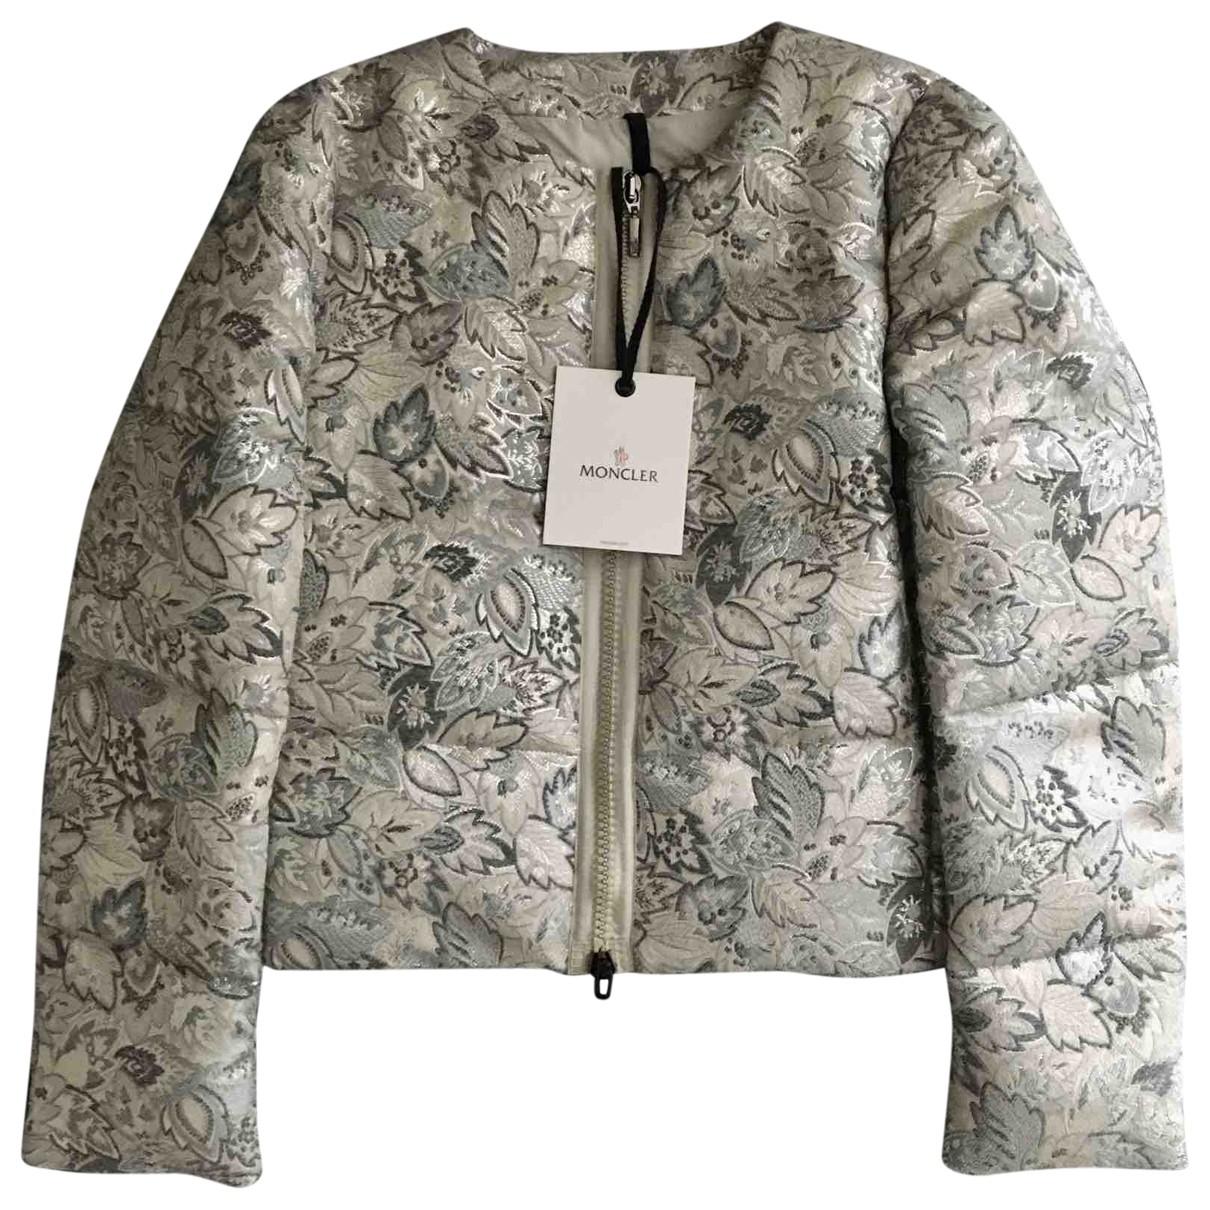 Moncler - Manteau Print pour femme - gris